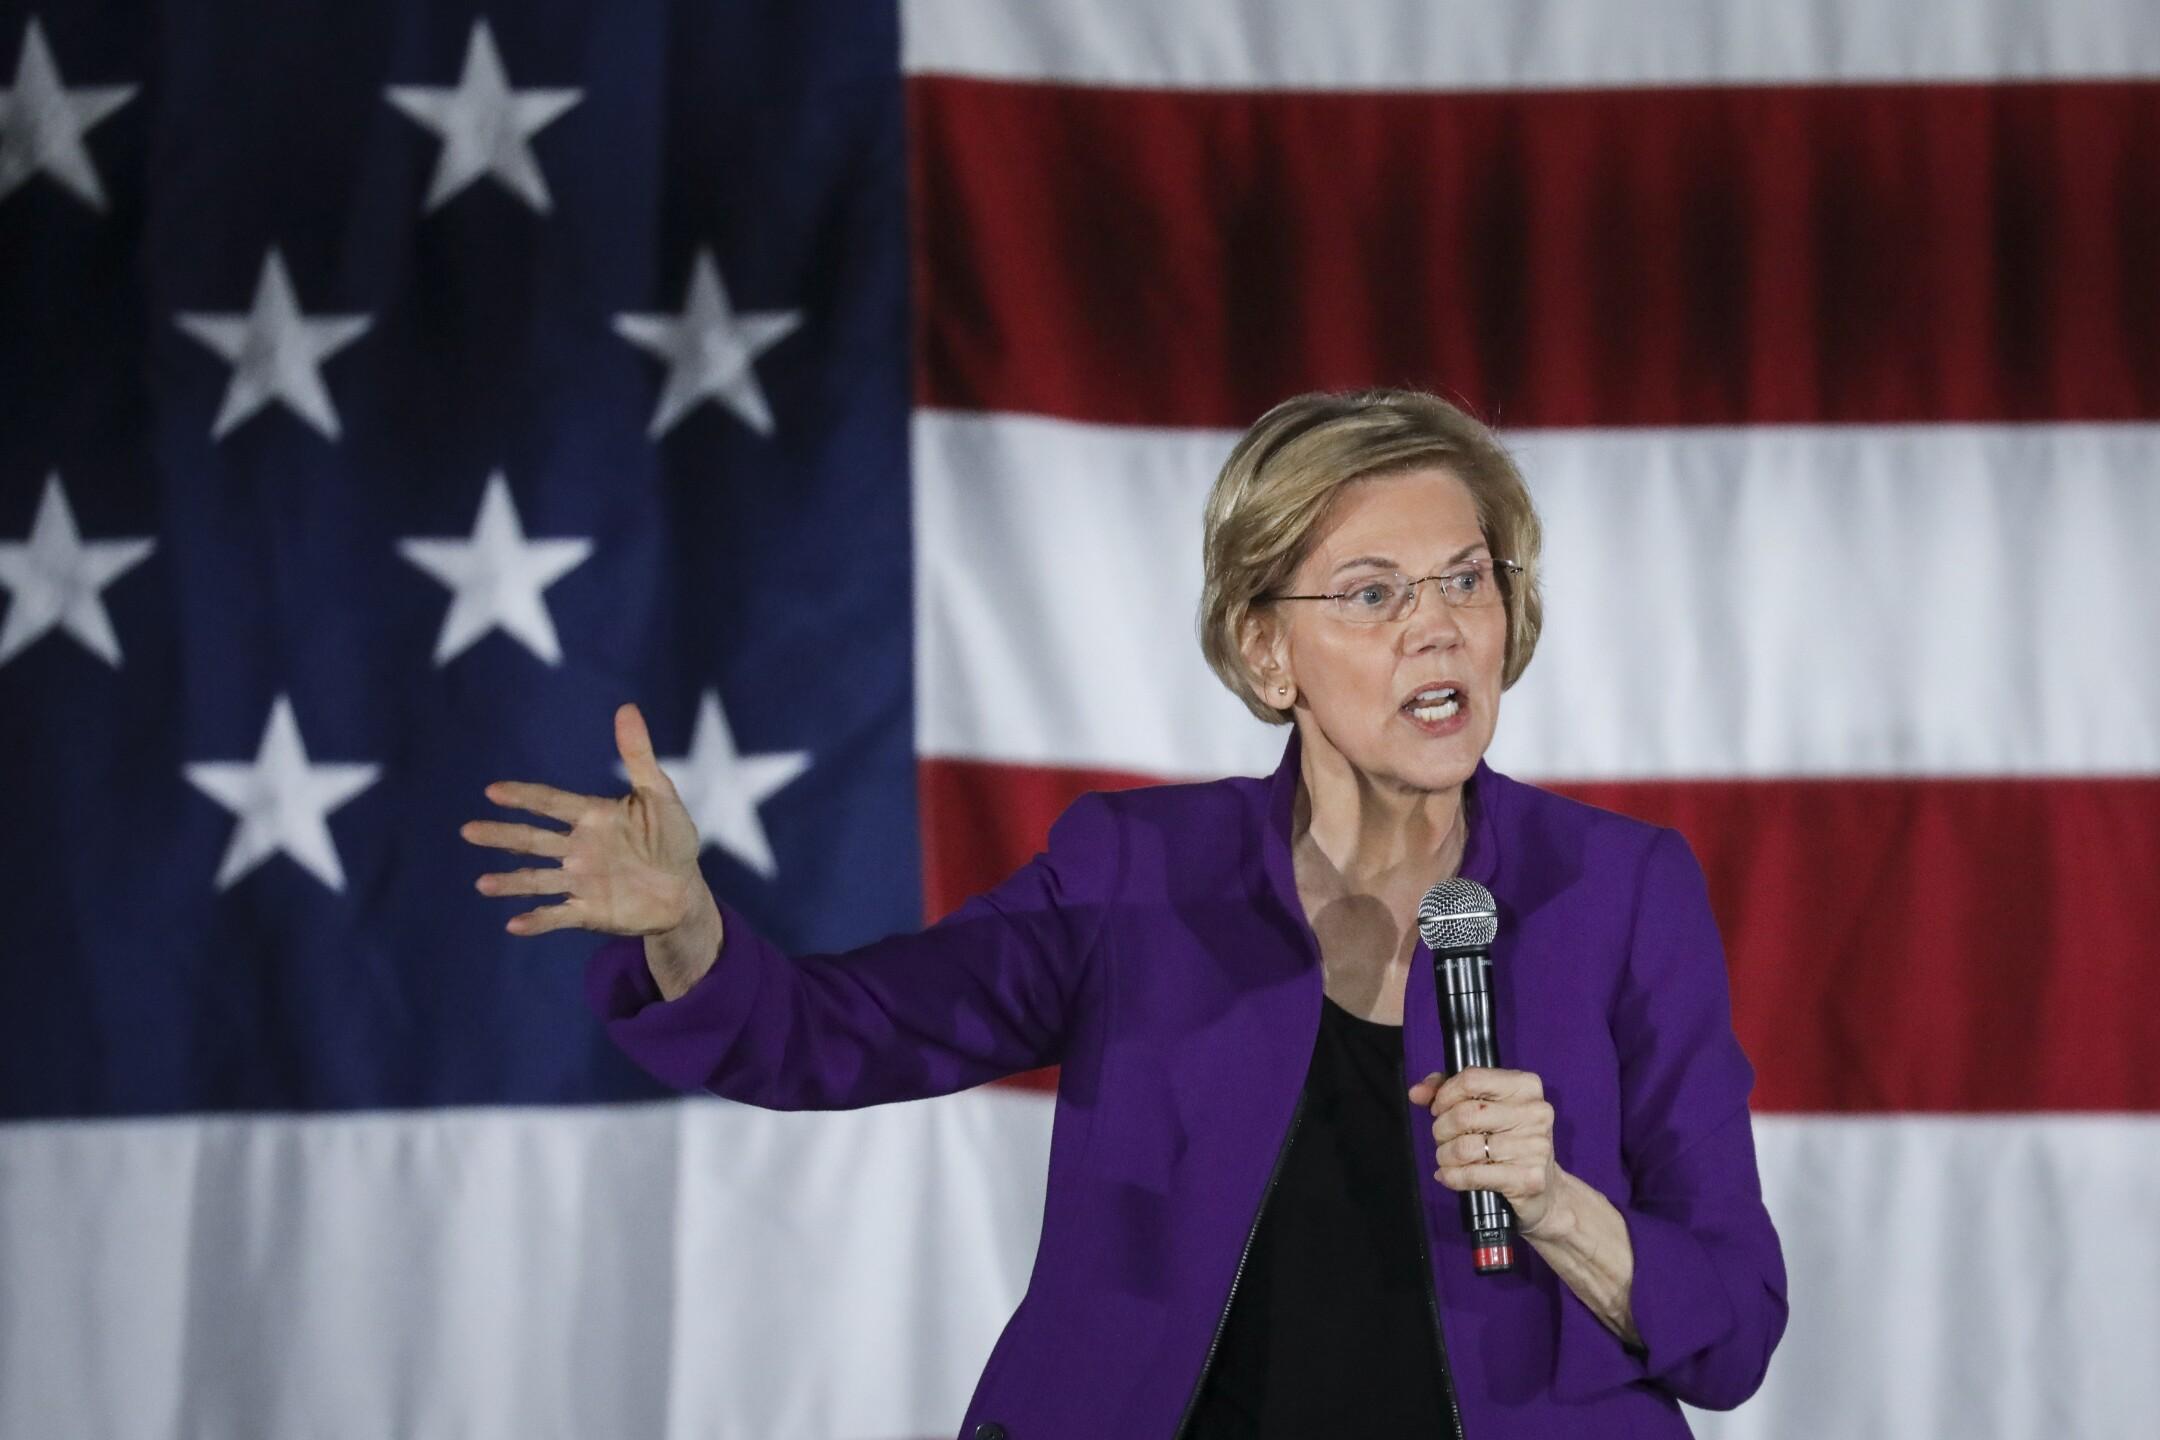 Elizabeth Warren is a senator in Massachusetts who formally announced her 2020 presidential bid on Feb. 9, 2019.